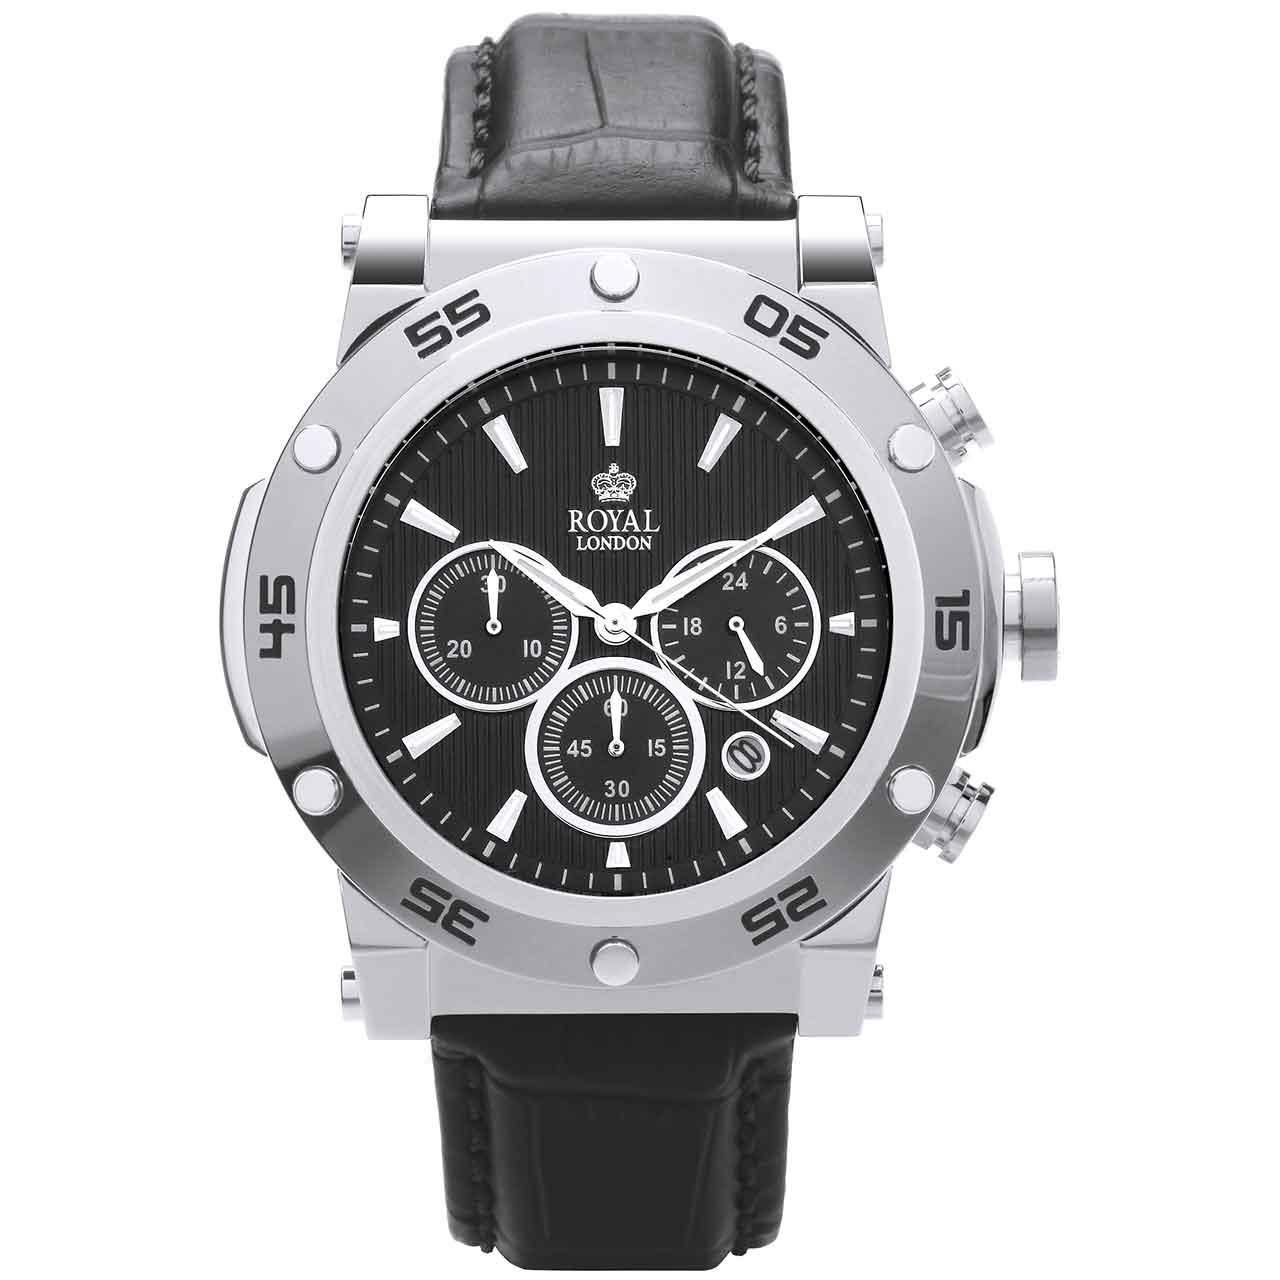 ساعت مچی عقربه ای مردانه رویال لندن مدل RL-41304-01 44